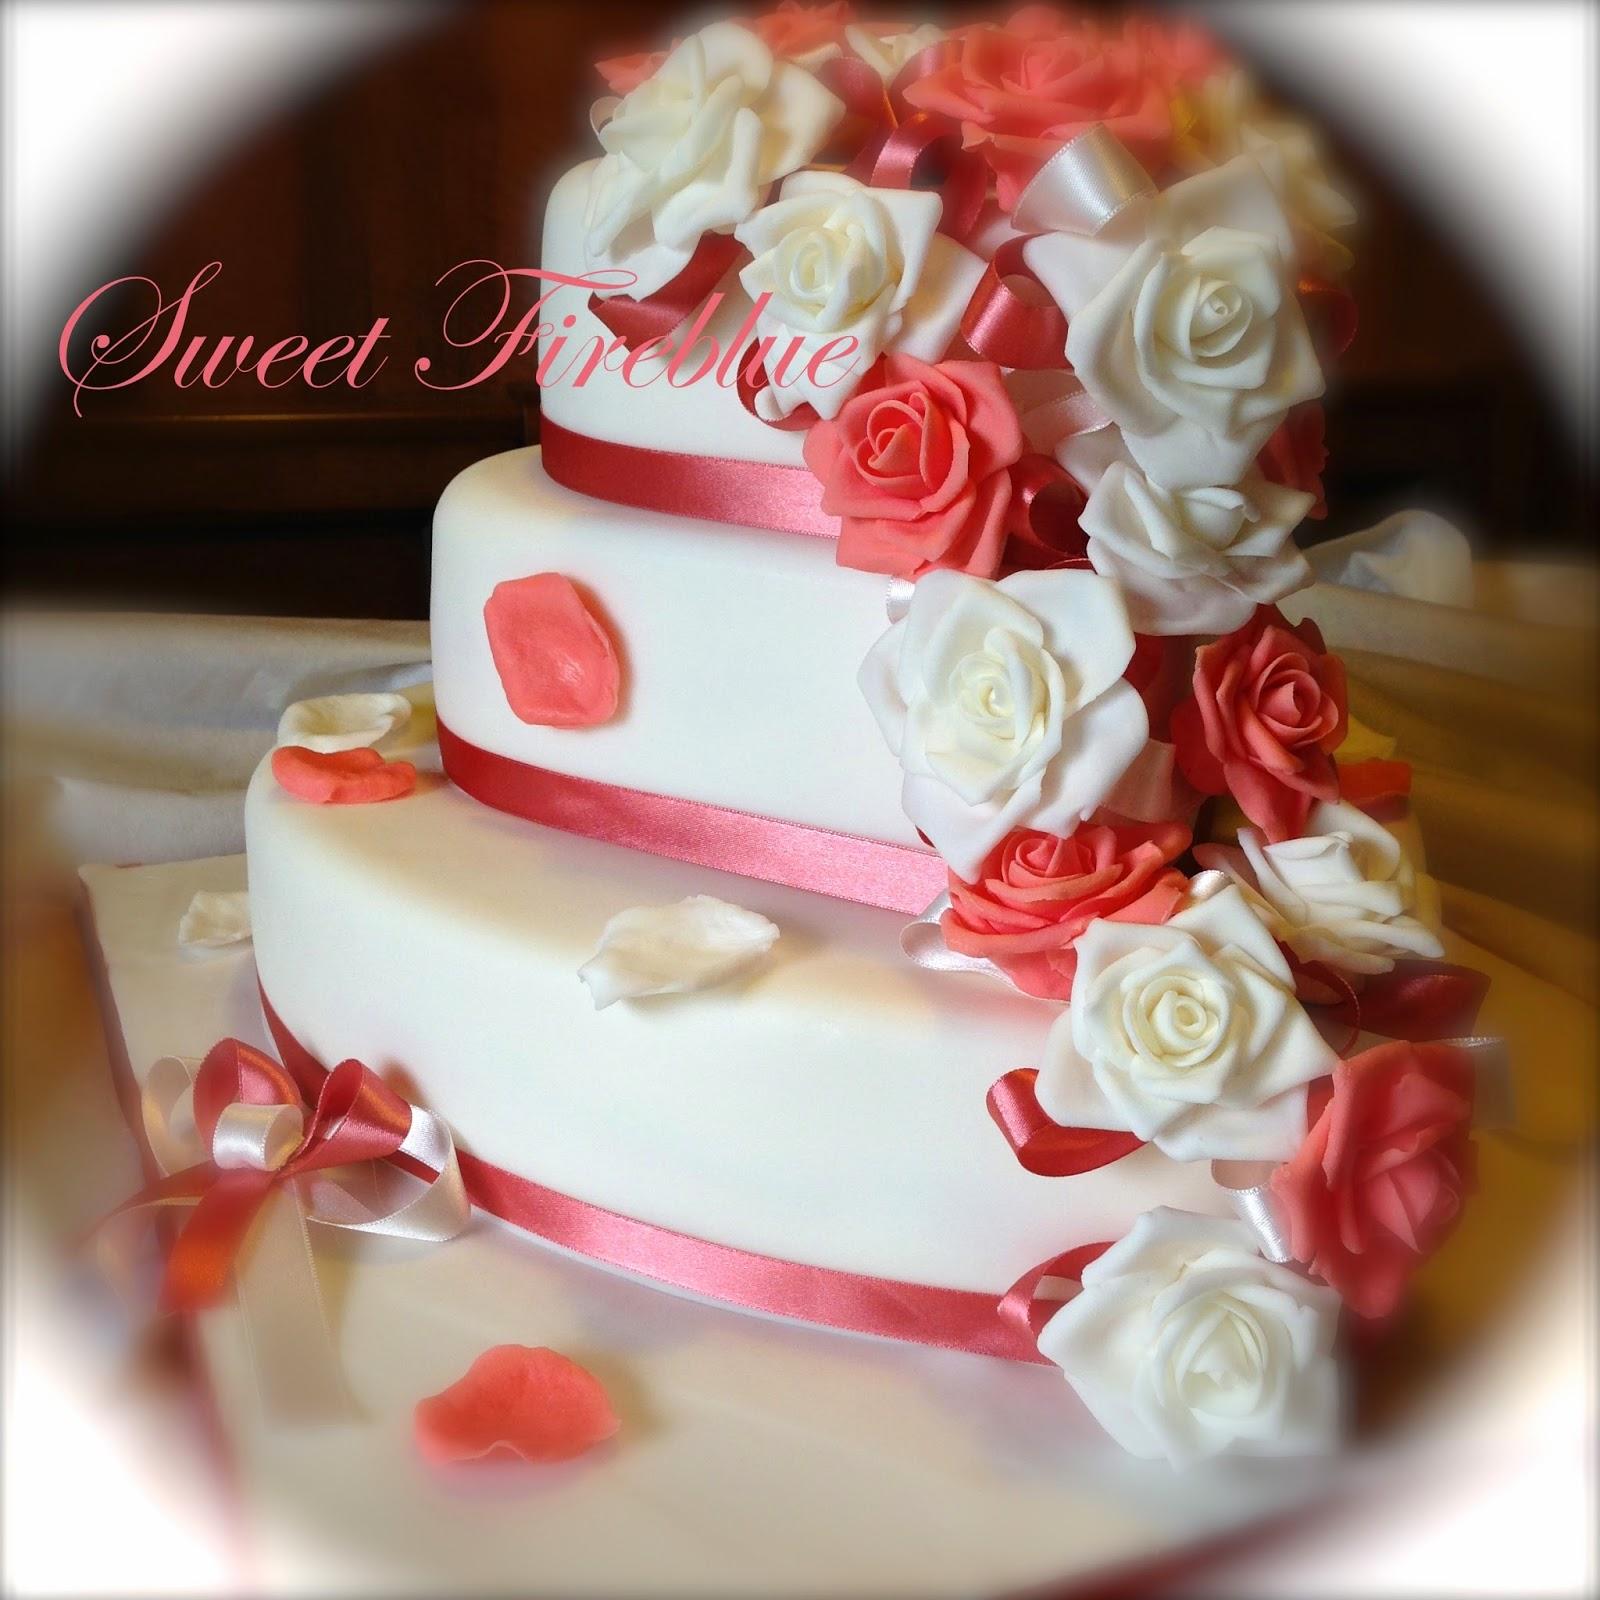 Sweet fireblue torta cuore e rose un matrimonio in rosa for 30x30 piani di piani a 2 piani